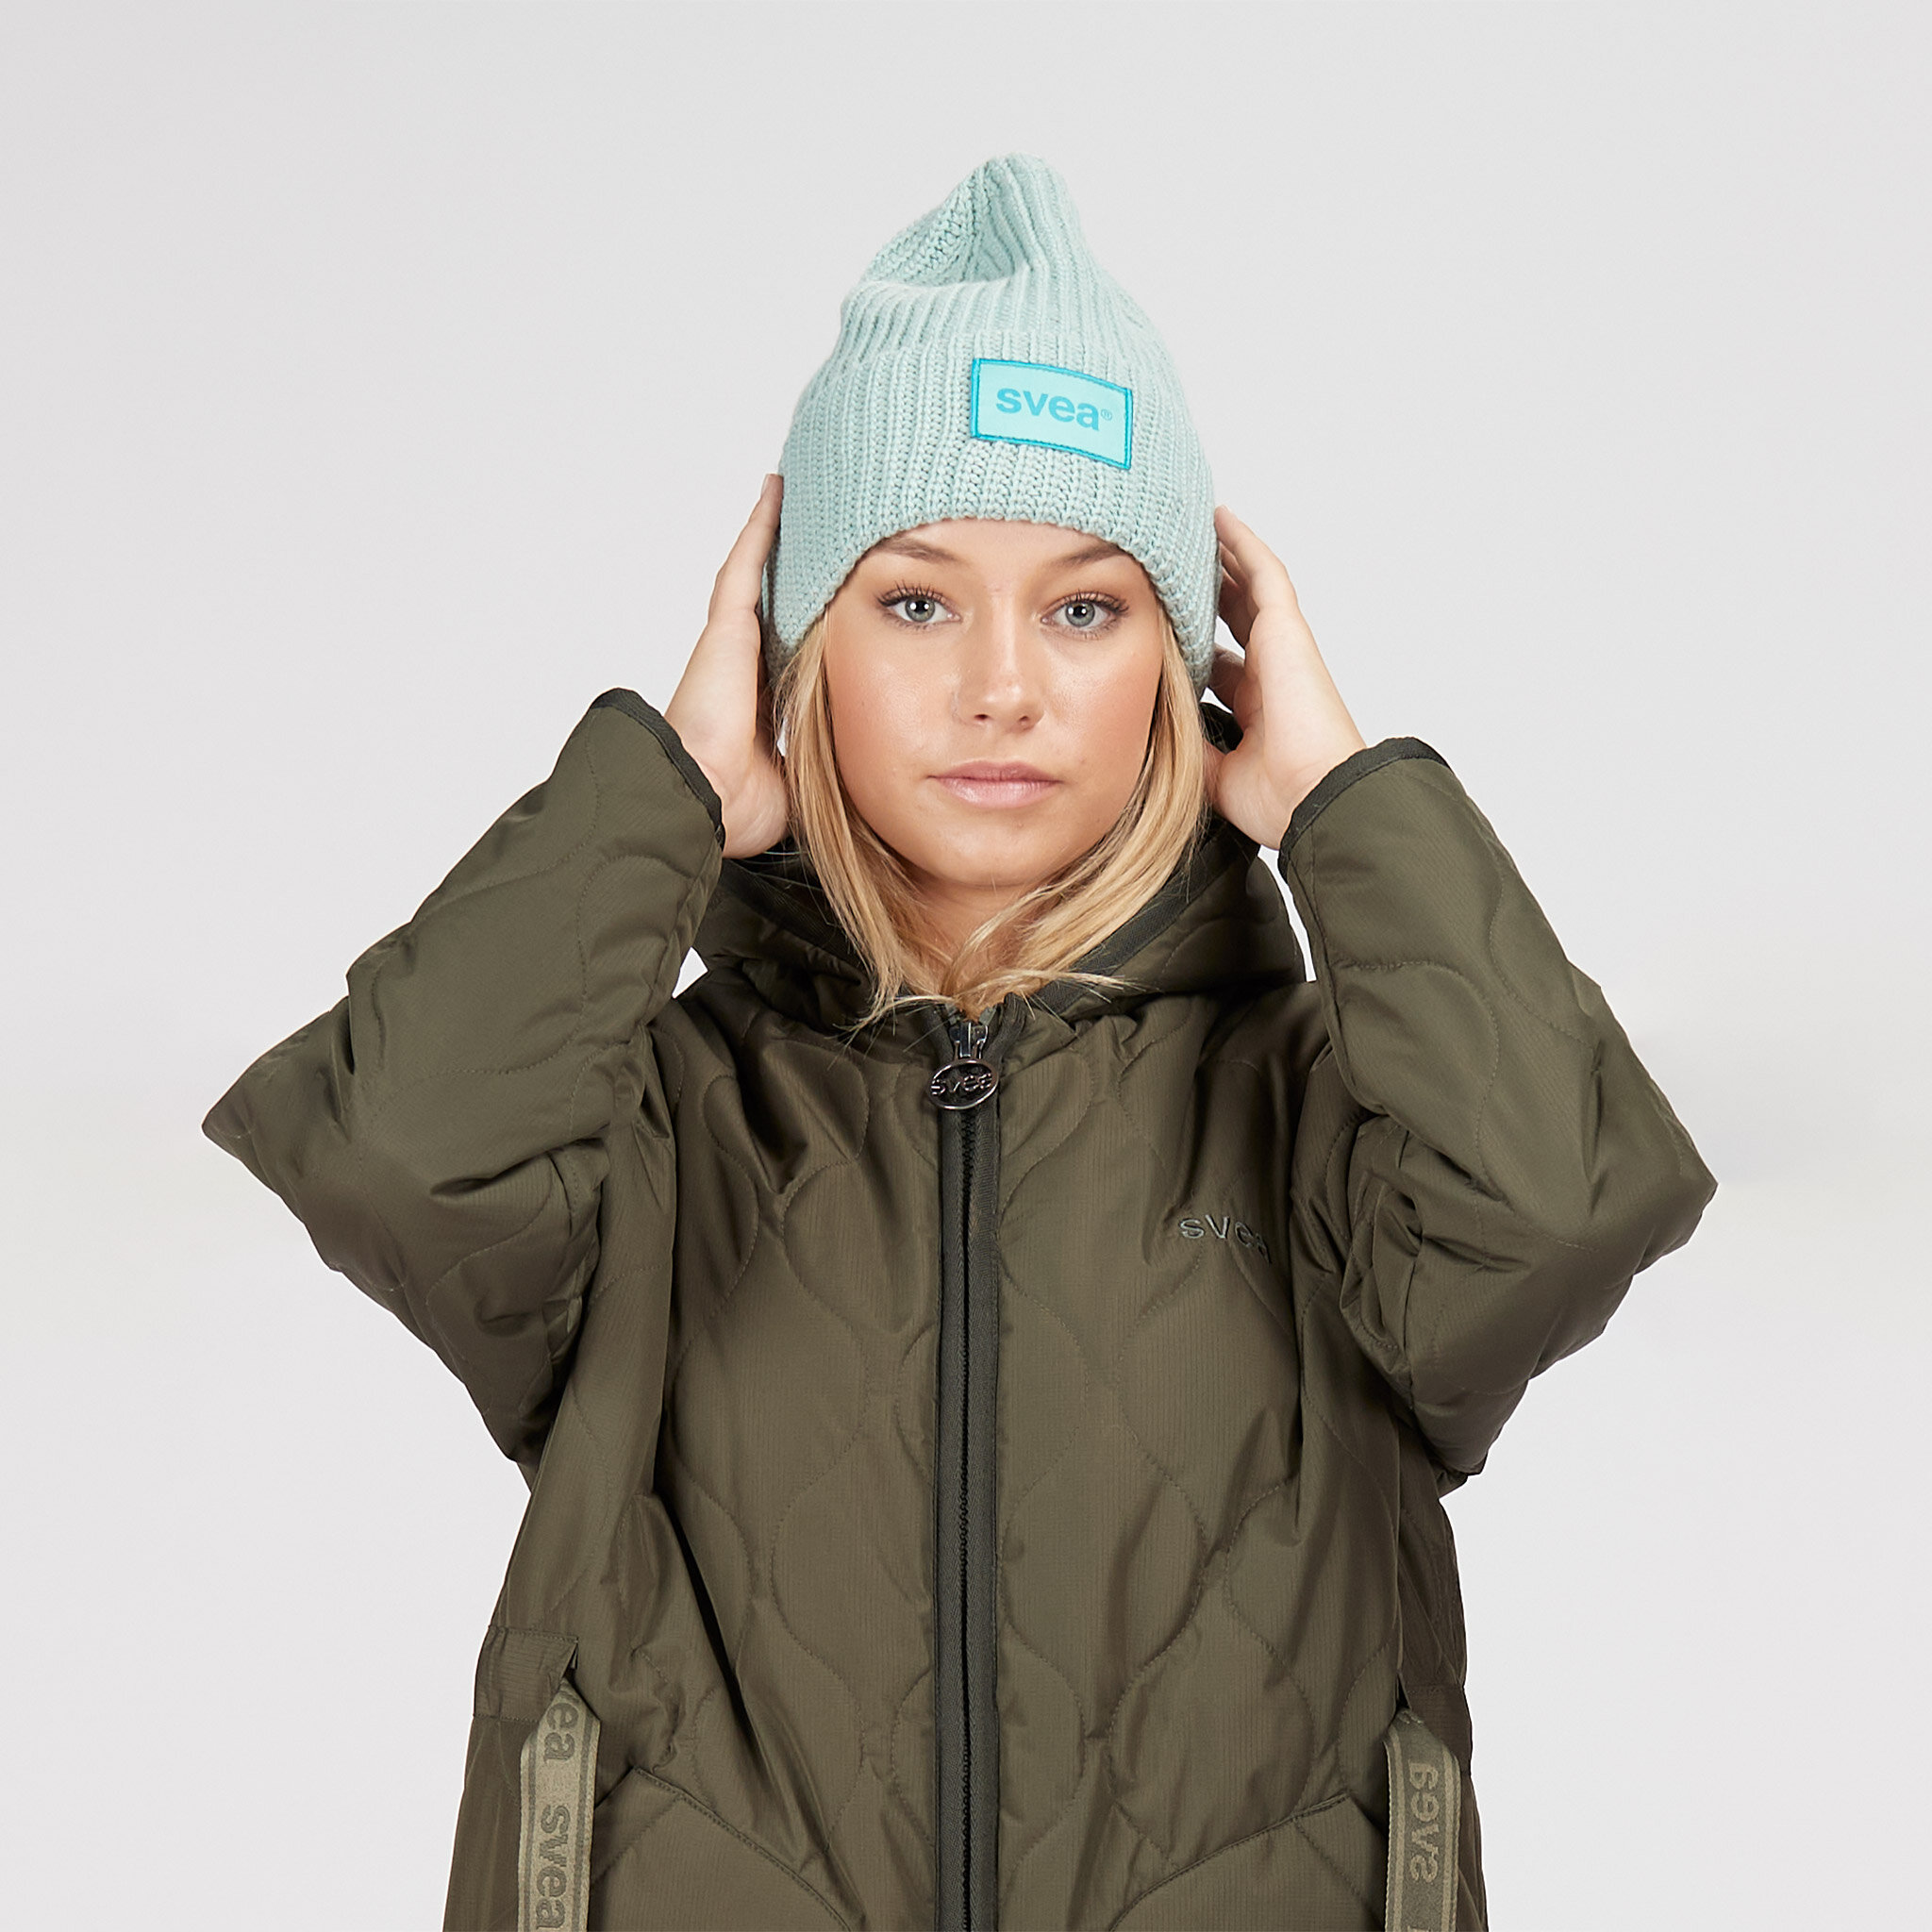 Big Badge Svea Hat, aqua